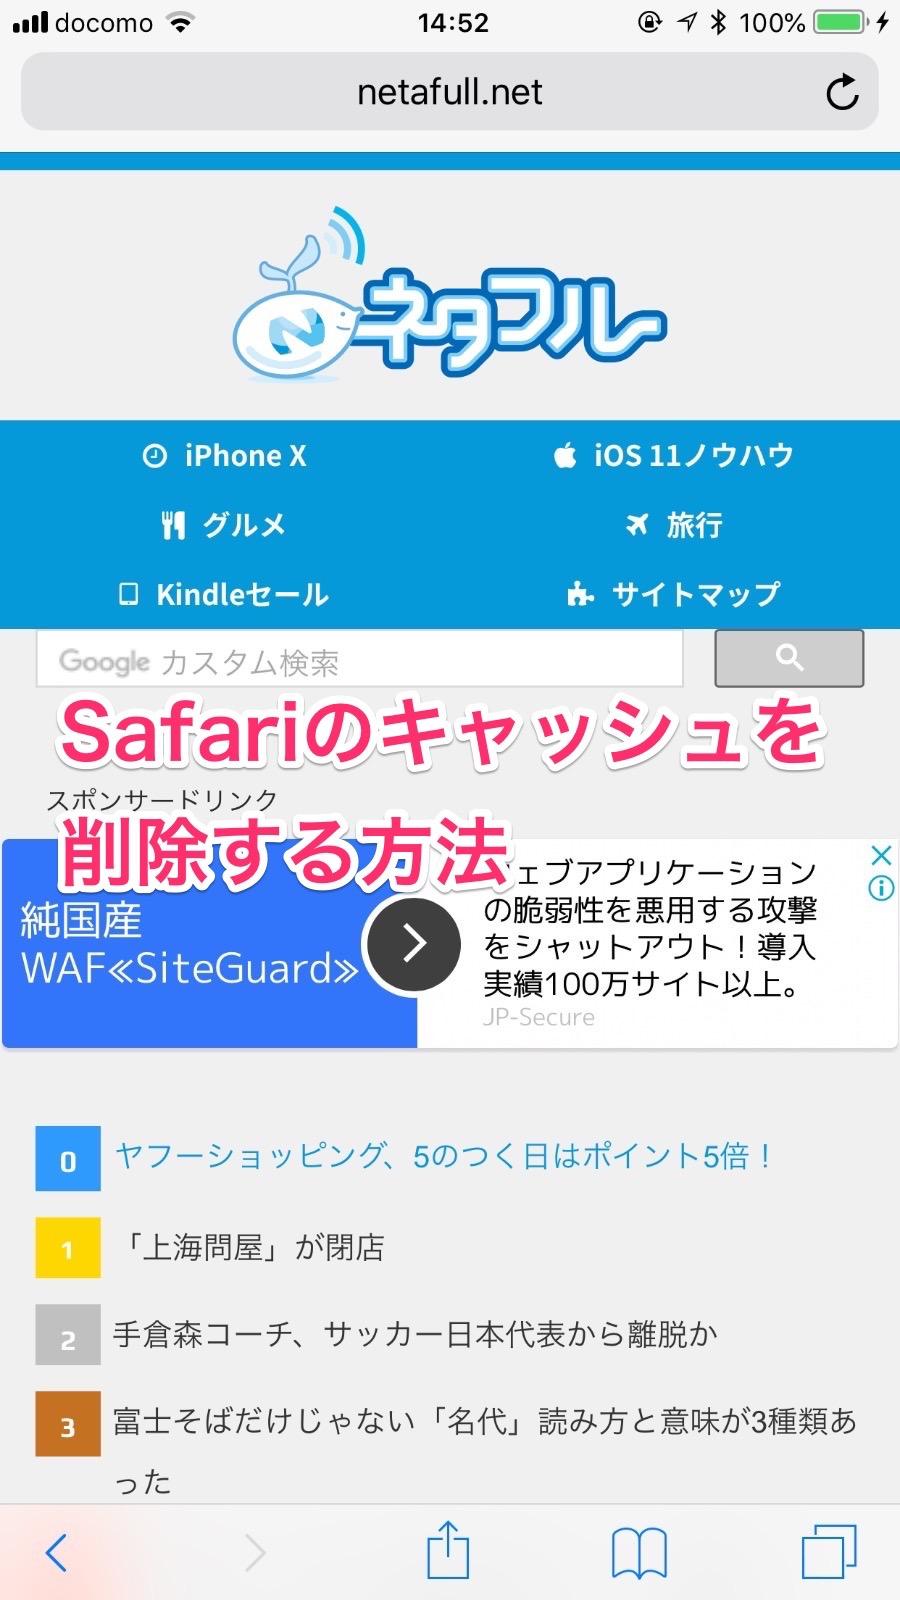 【iOS Tips】Safariのキャッシュを削除する方法